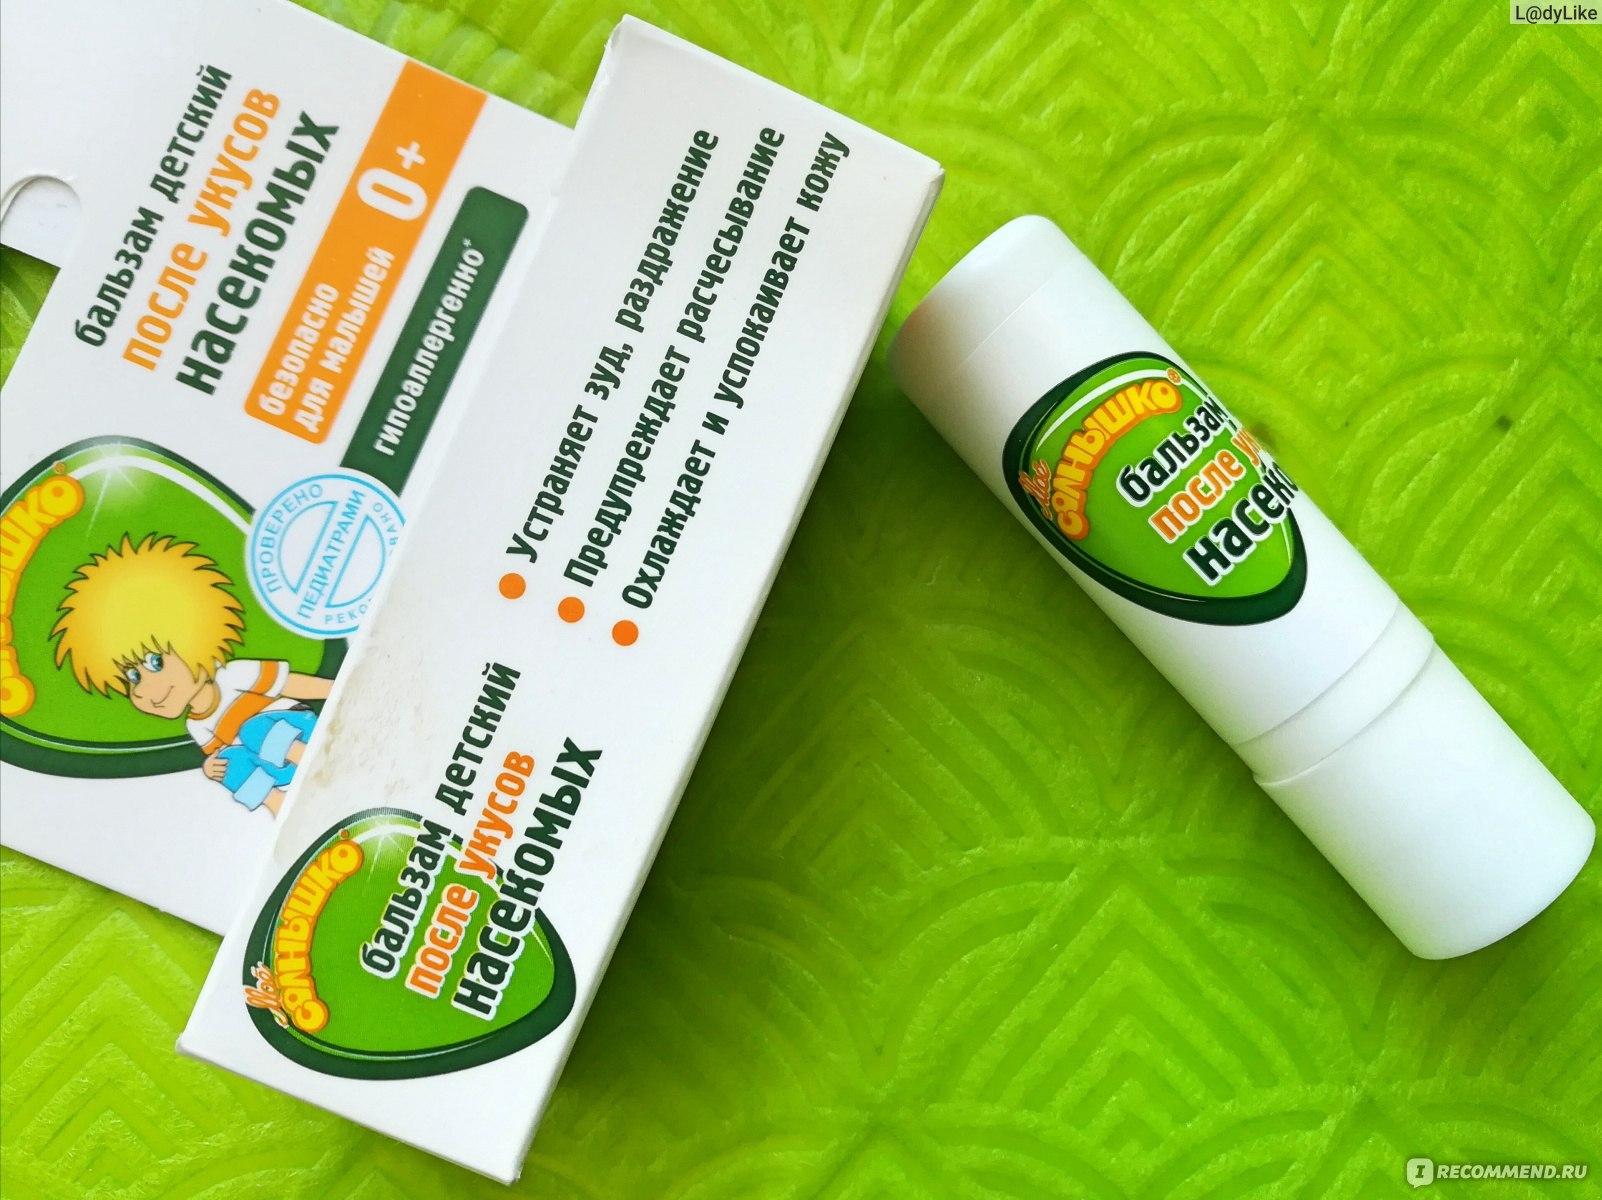 Как защитить ребенка от комаров - виды безопасных репеллентов и народные средства